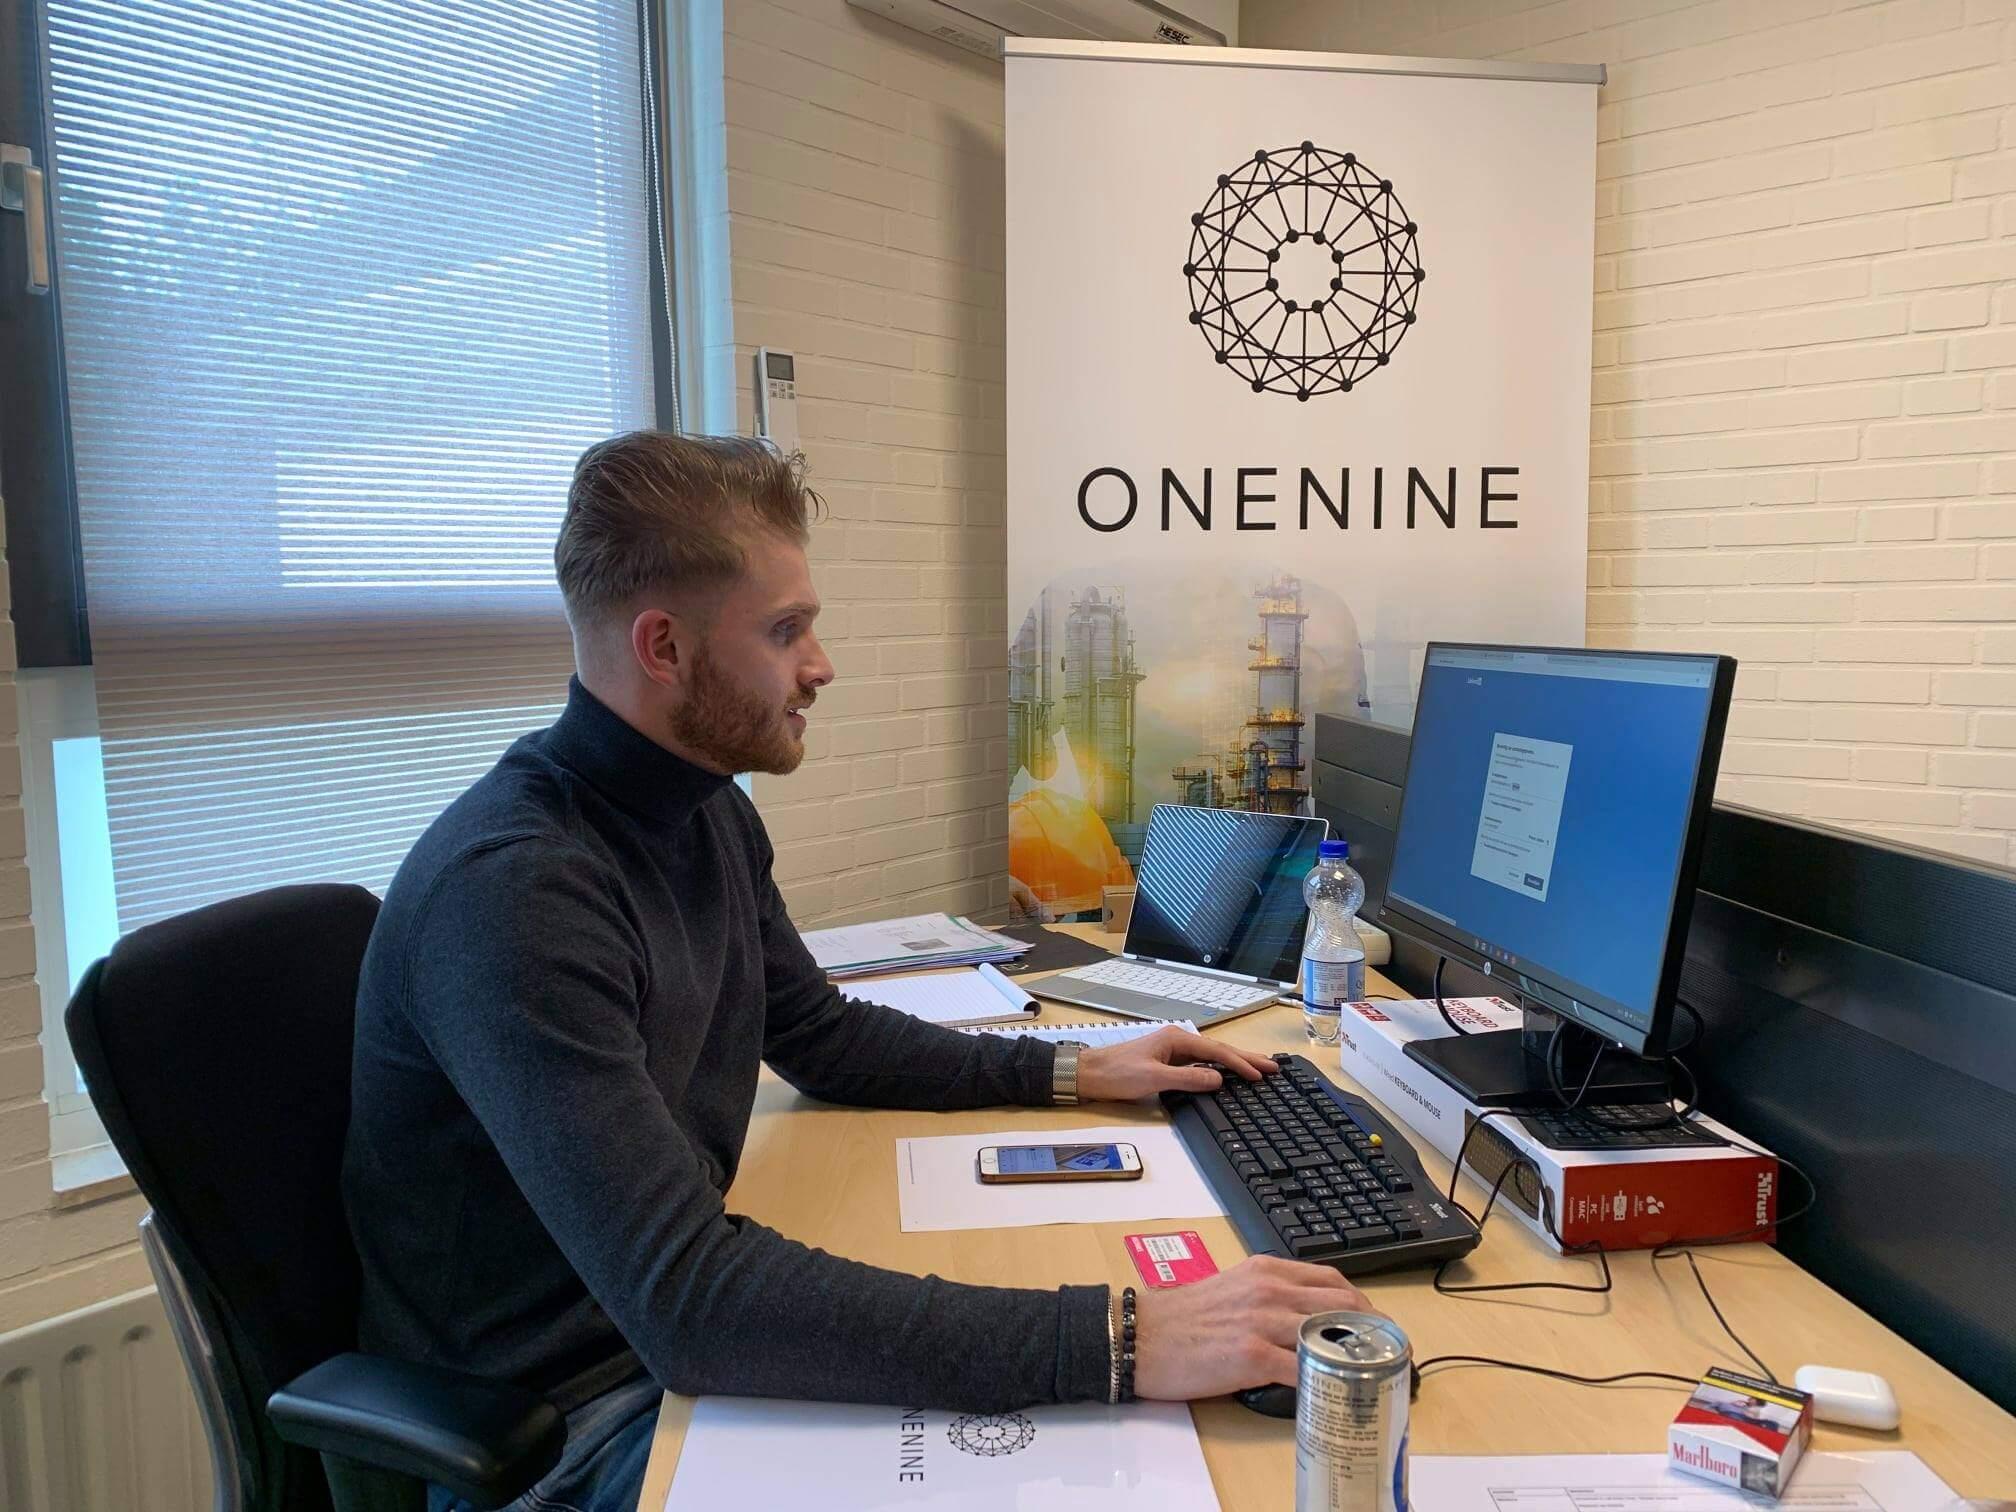 Nieuwe consultant Onenine